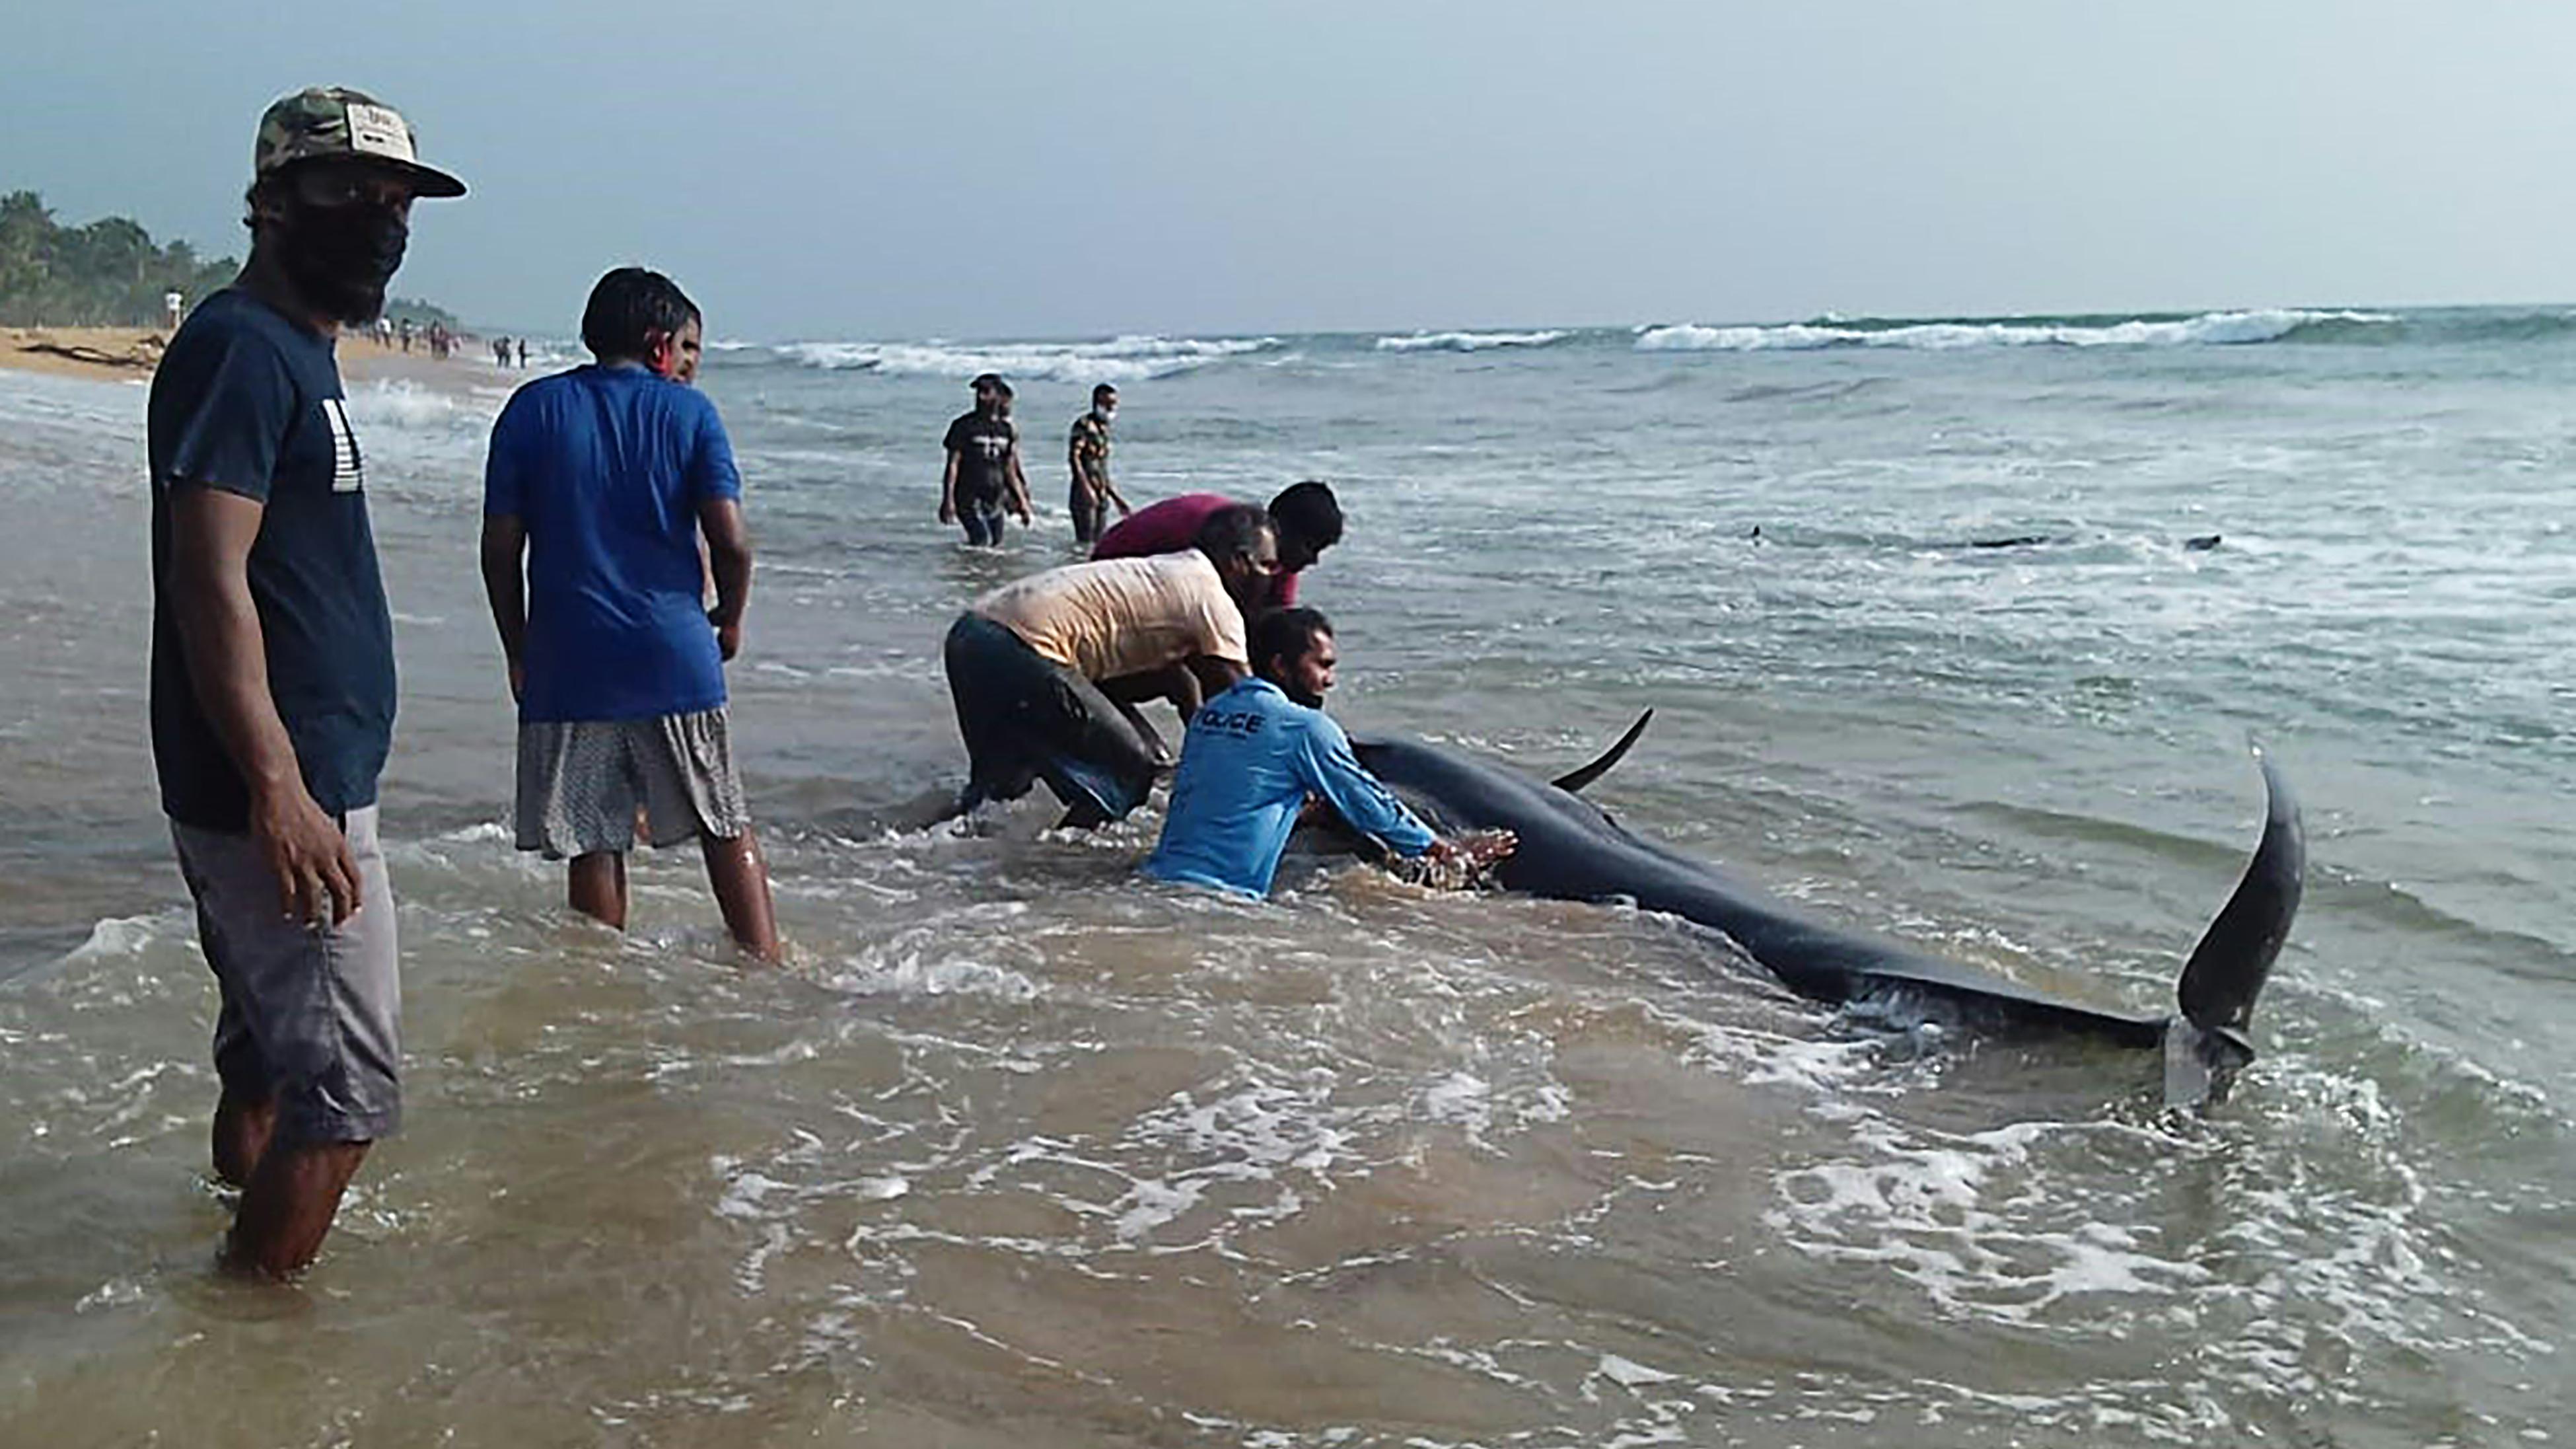 El grupo de mamíferos marinos encalló en la playa de Panadura, en la costa occidental de Sri Lanka y a unos treinta kilómetros al sur de Colombo.